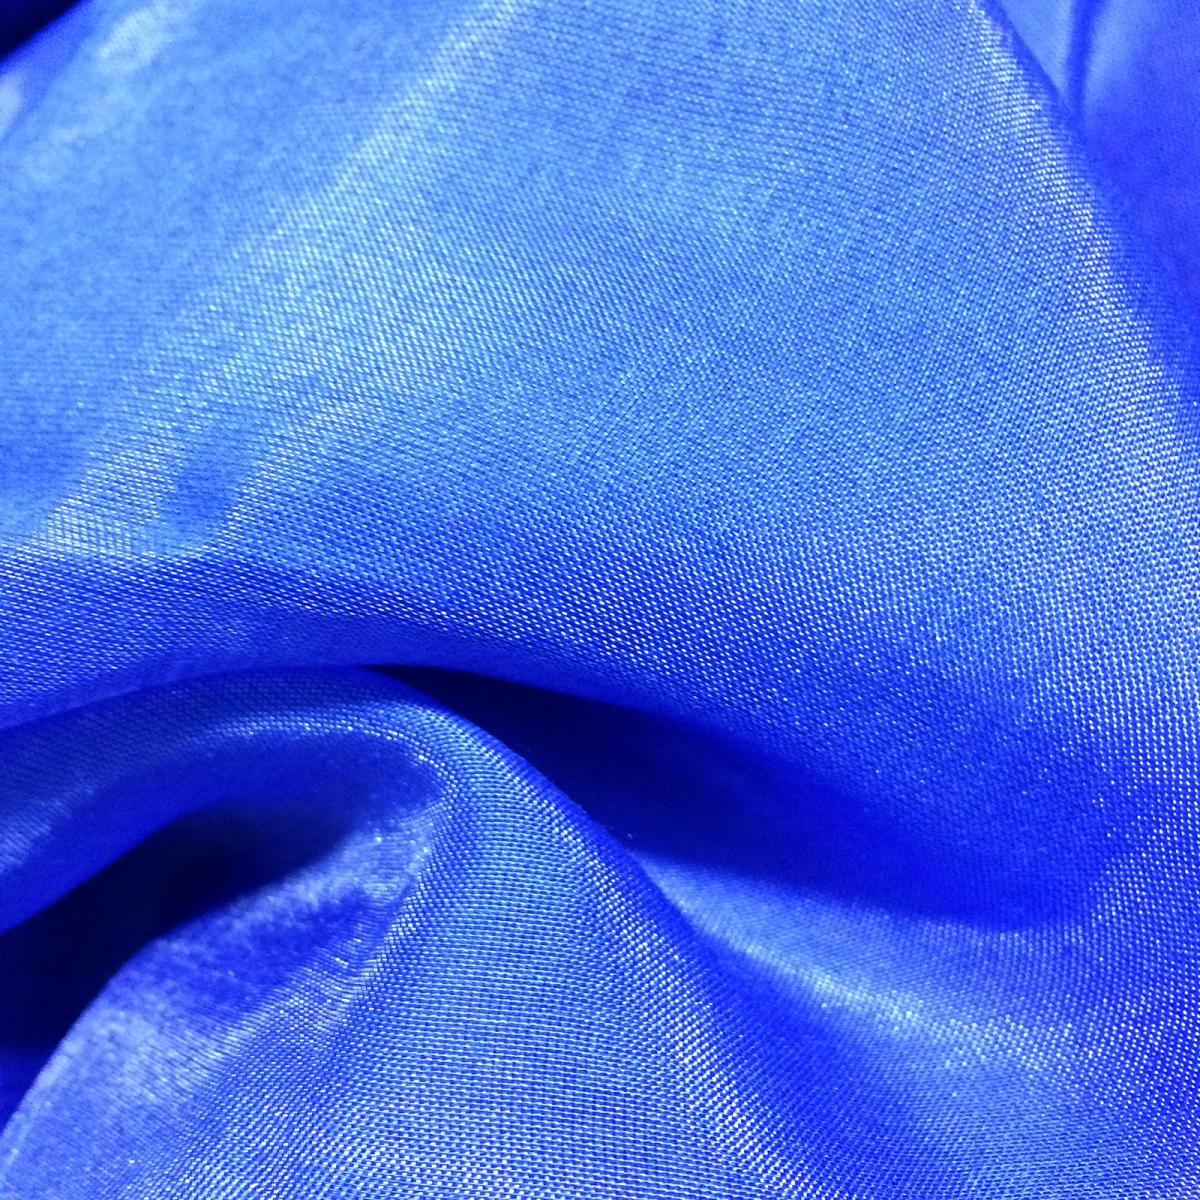 Ткань муслин - натуральная или нет? свойства, достоинства и недостатки, отзывы покупателей   www.podushka.net